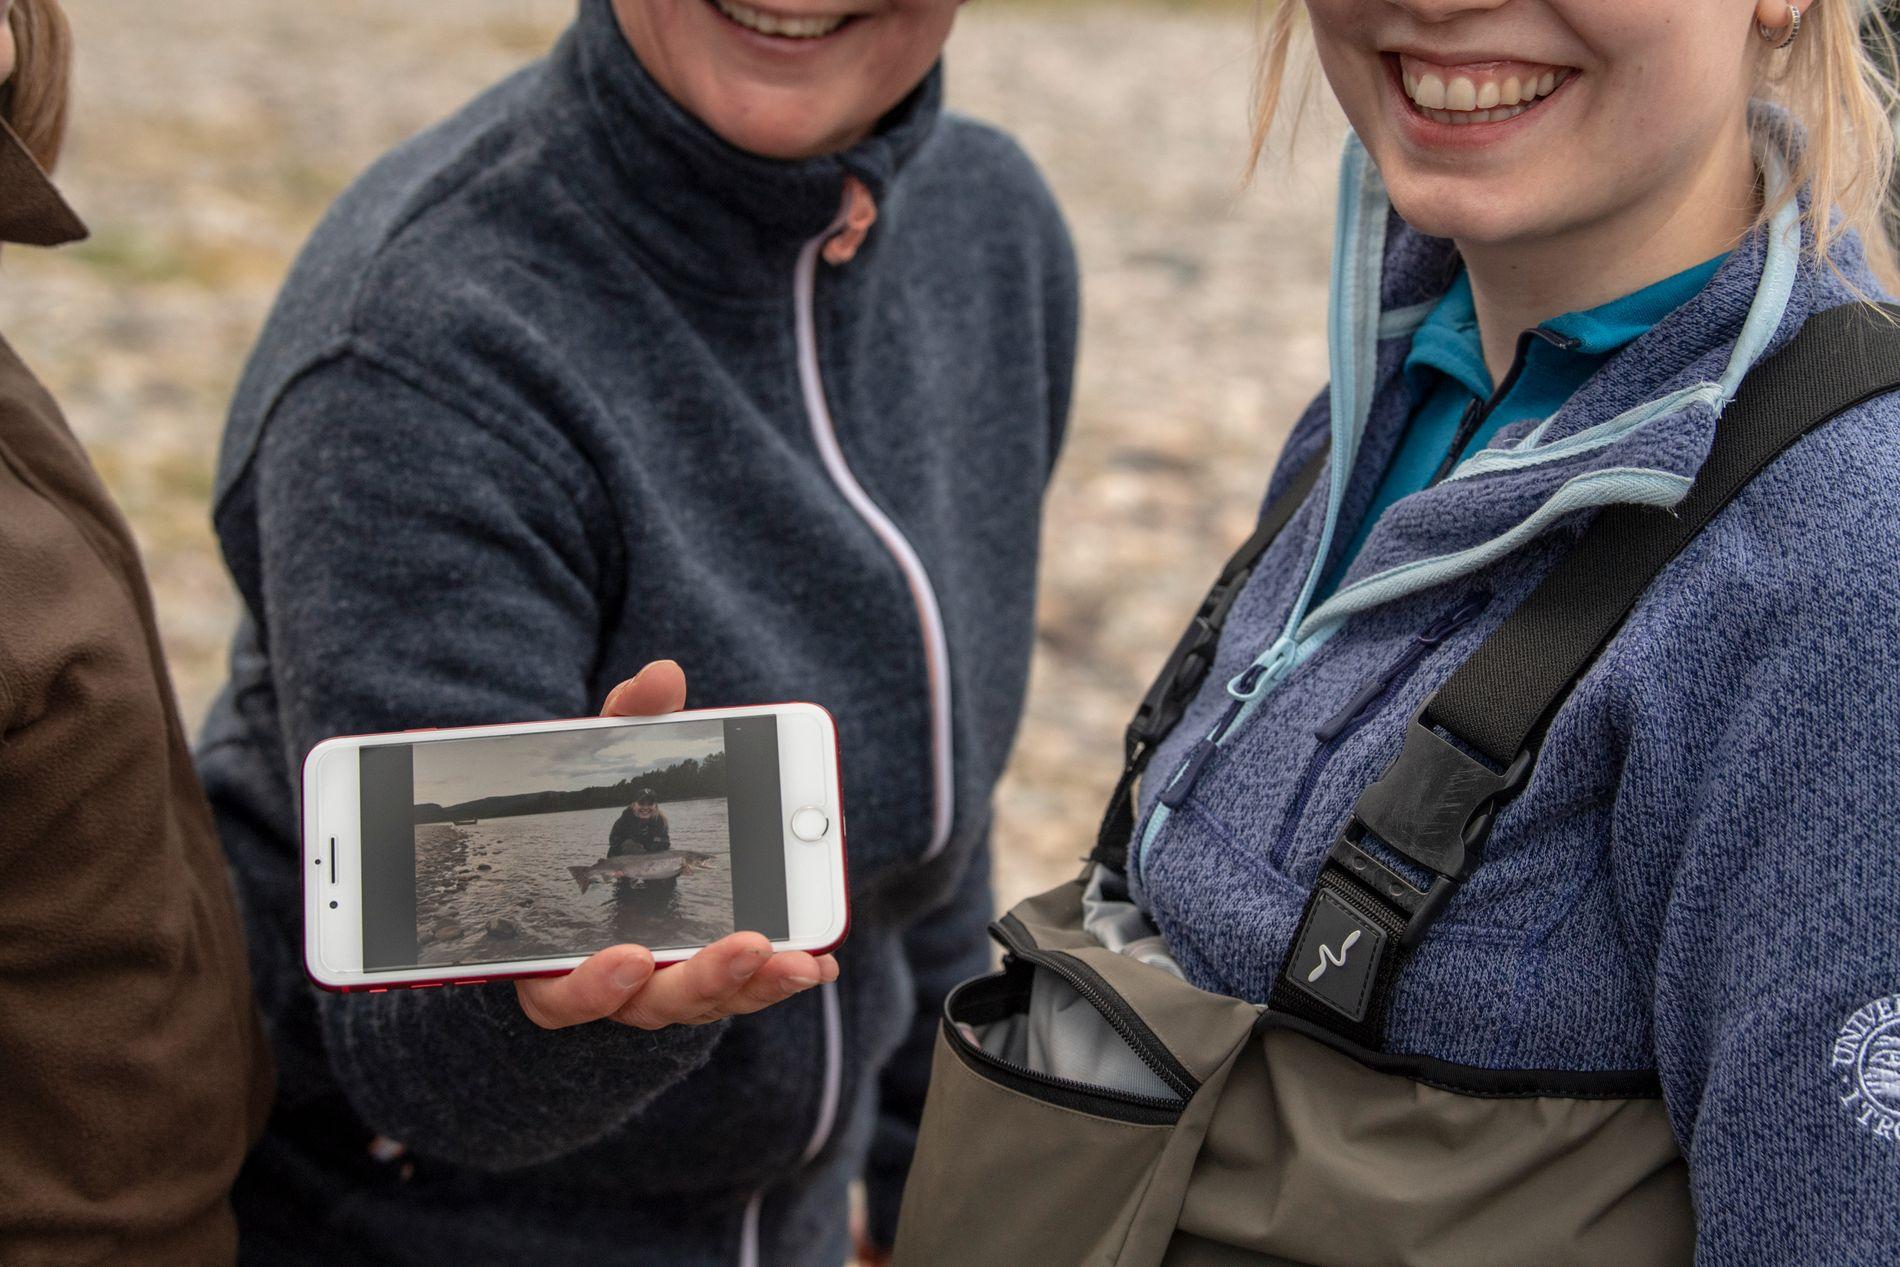 Det lokale engasjementet rundt laksefiske er unikt i Alta. Her har akkurat en laks på ti kilo blitt landet og foreviget av førstegangsfisker Marianne Haukland.